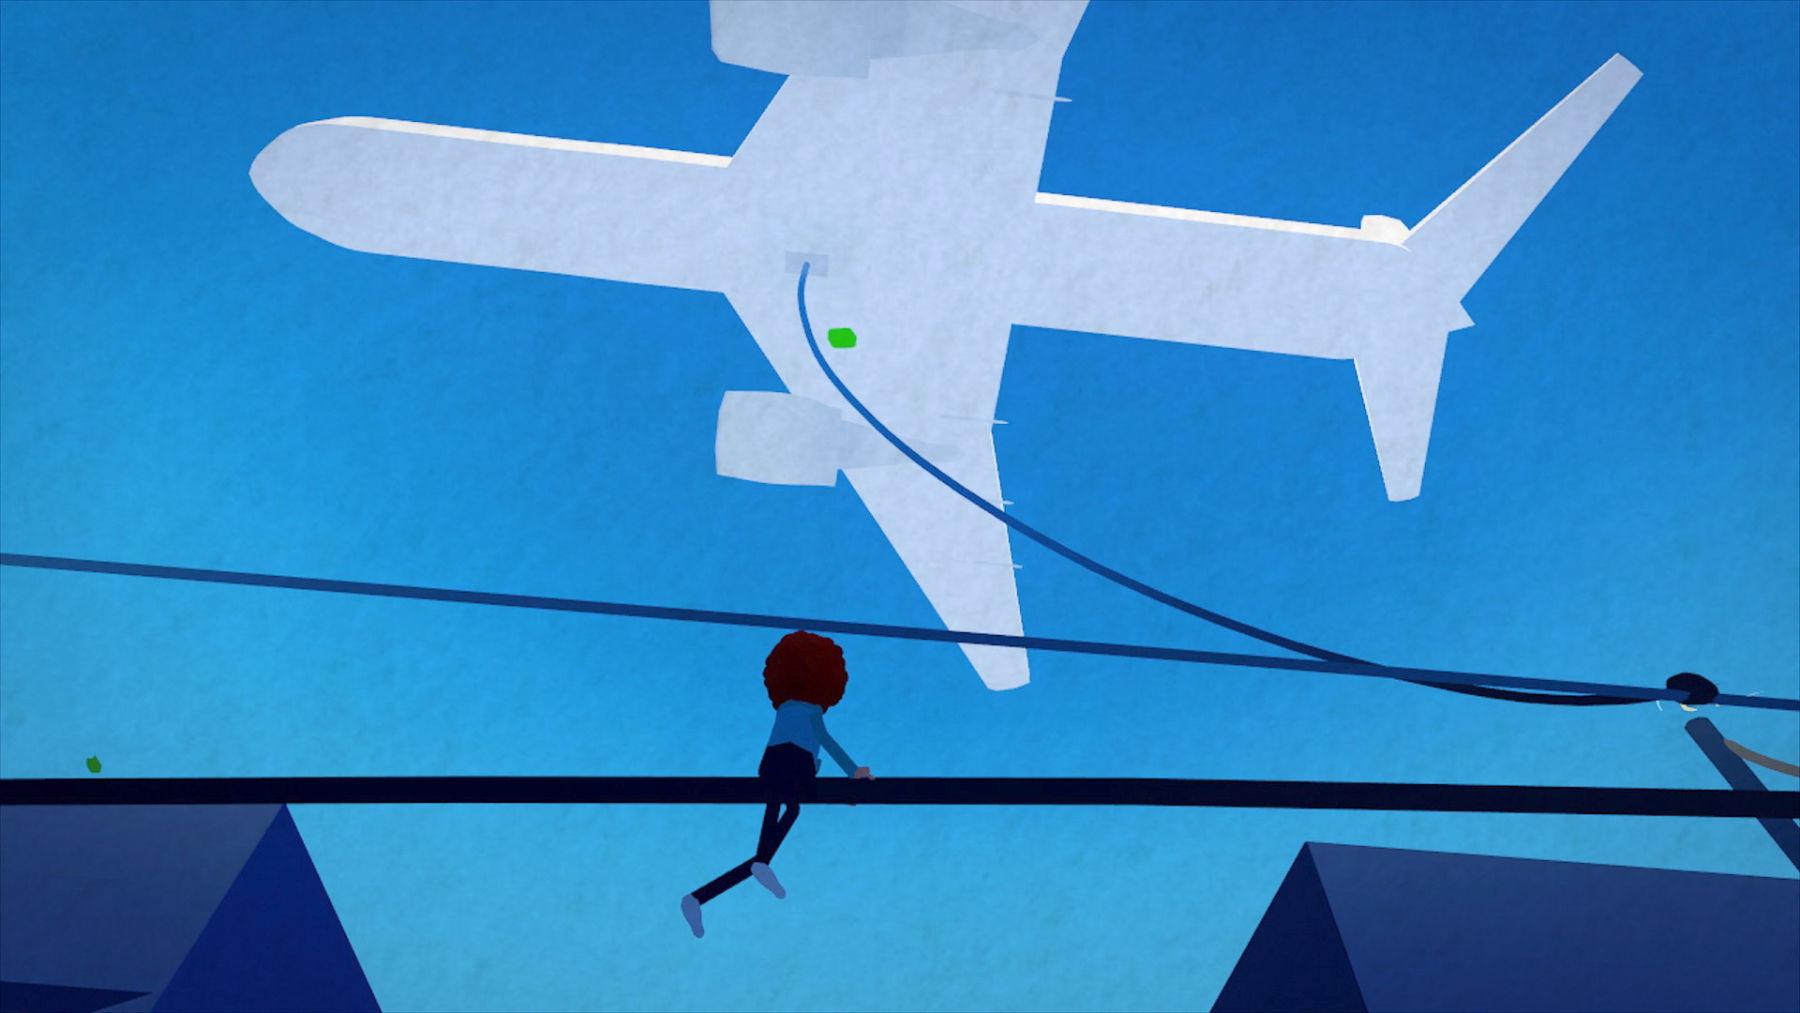 Wired – анимационный фильм из нескольких сцен, нарисованный и анимированный в VR - 1